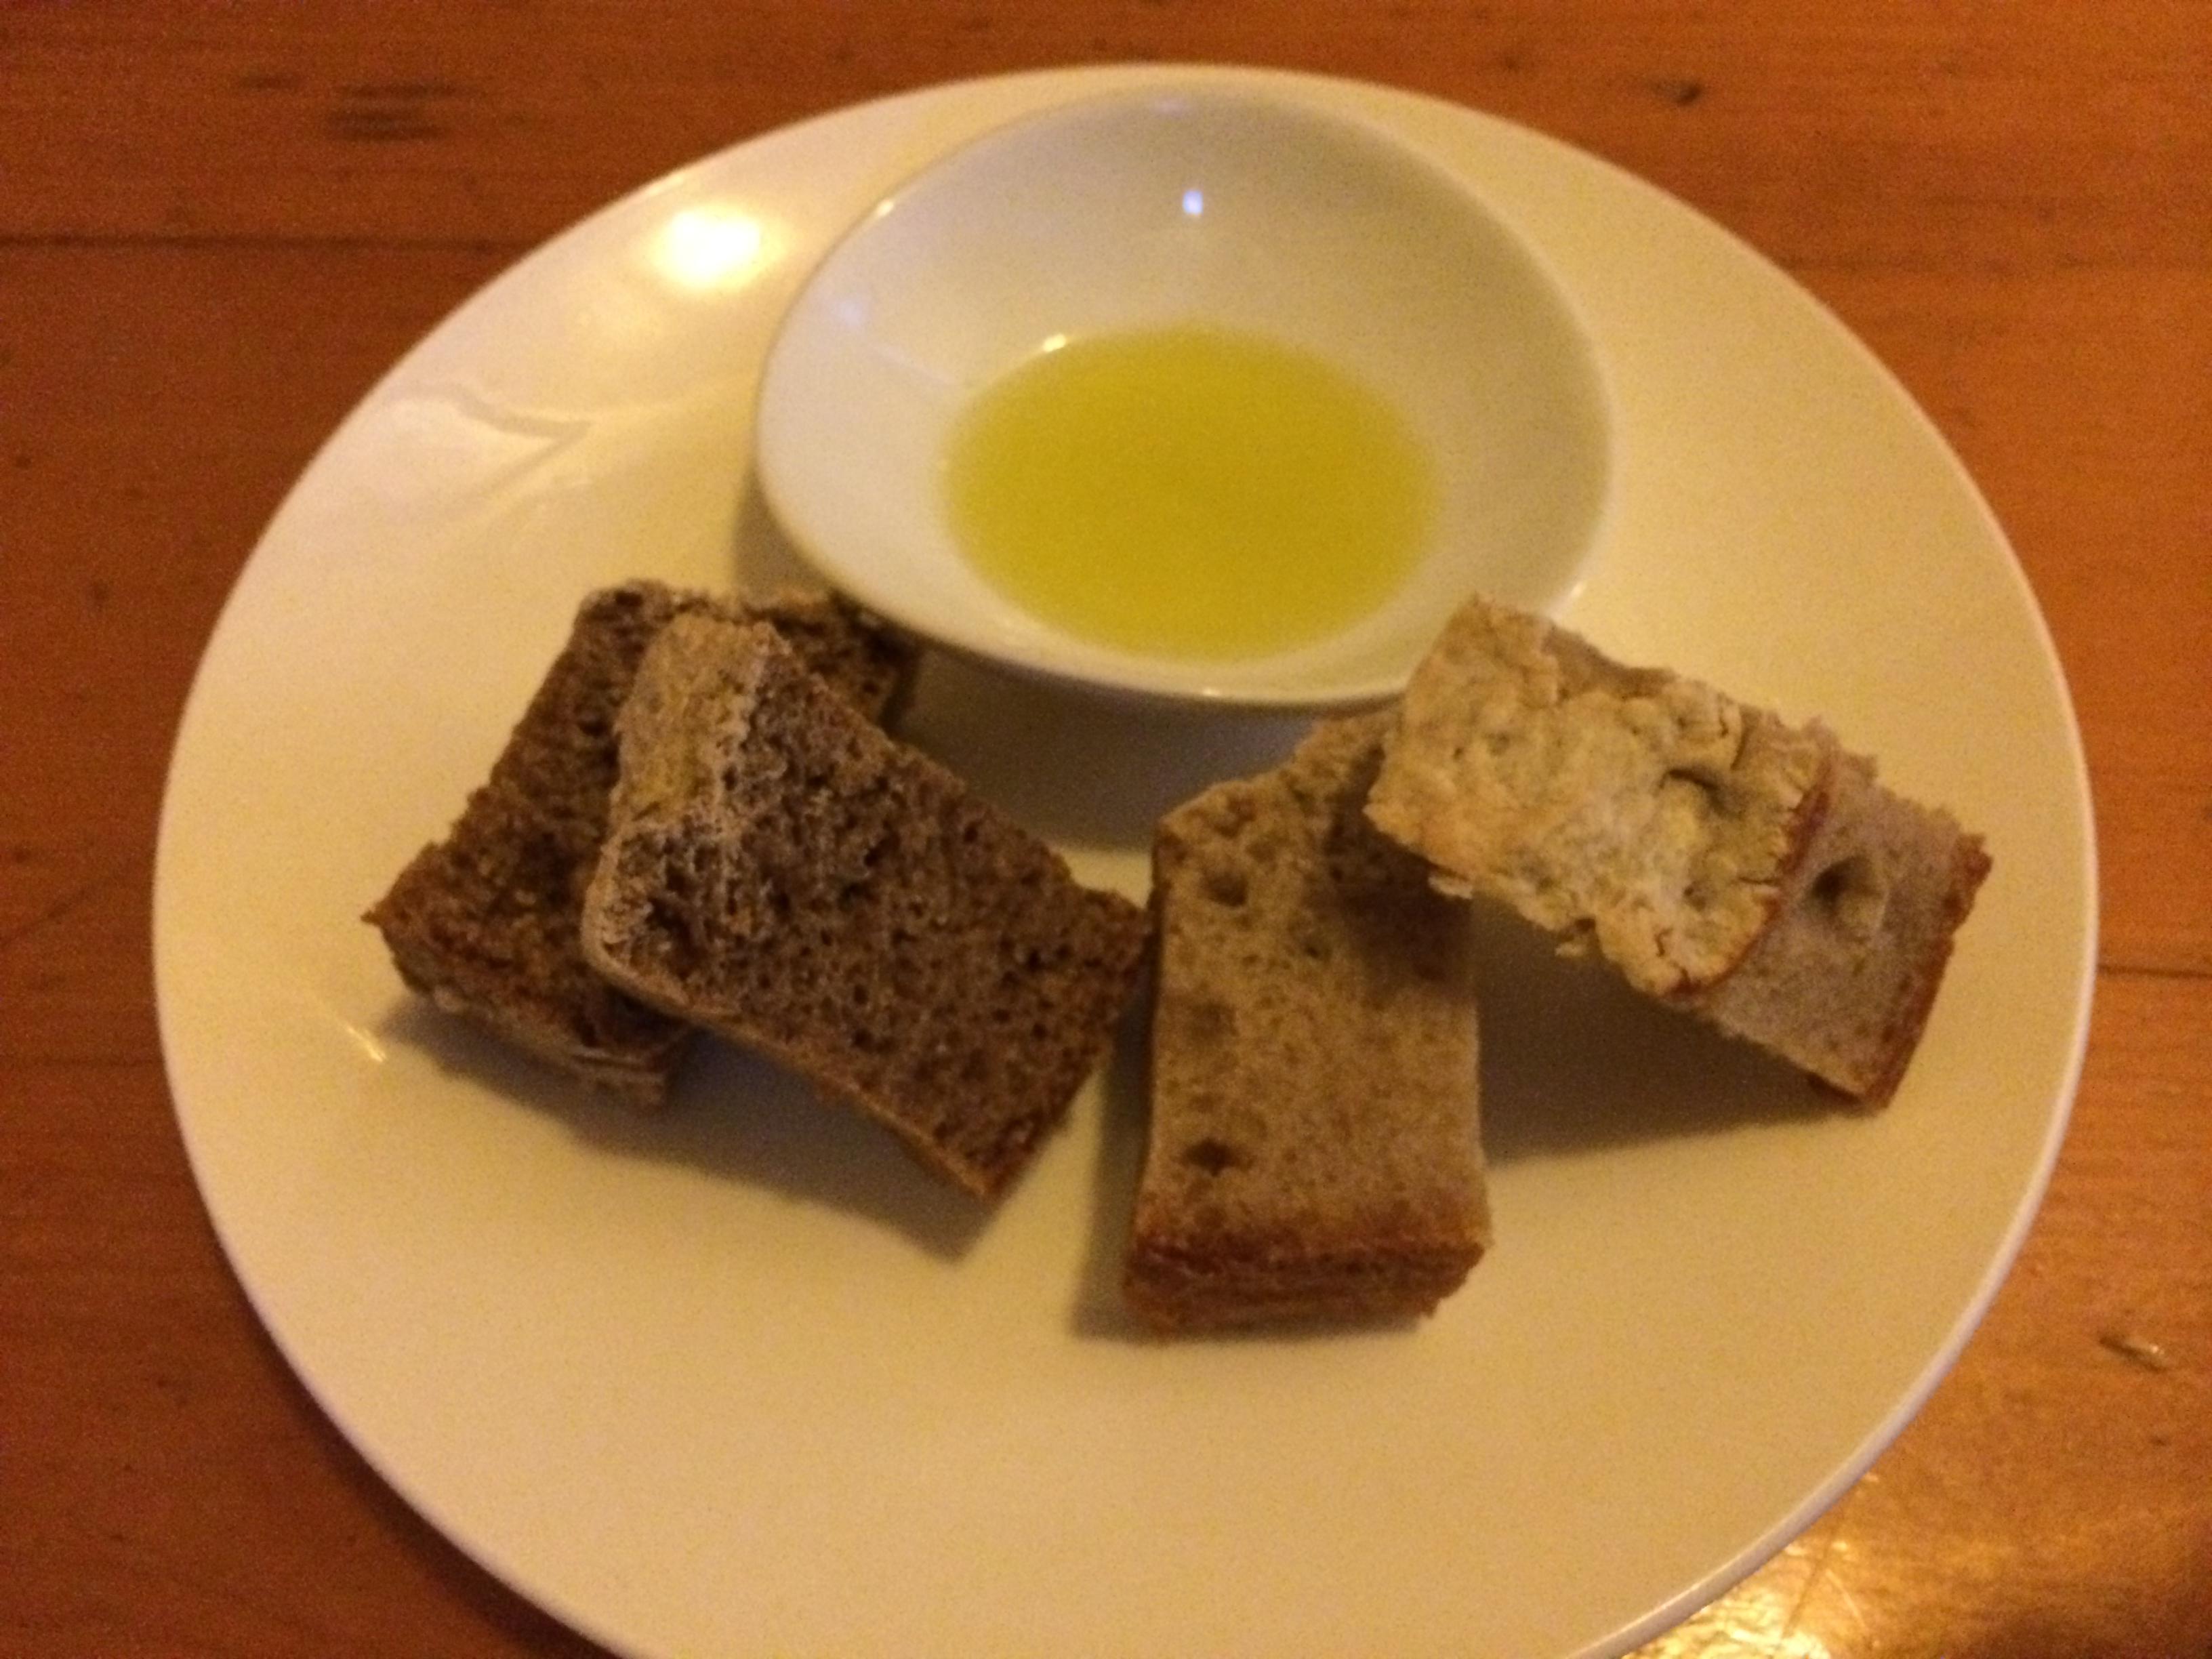 Bistro la fourchette自家製天然酵母パン